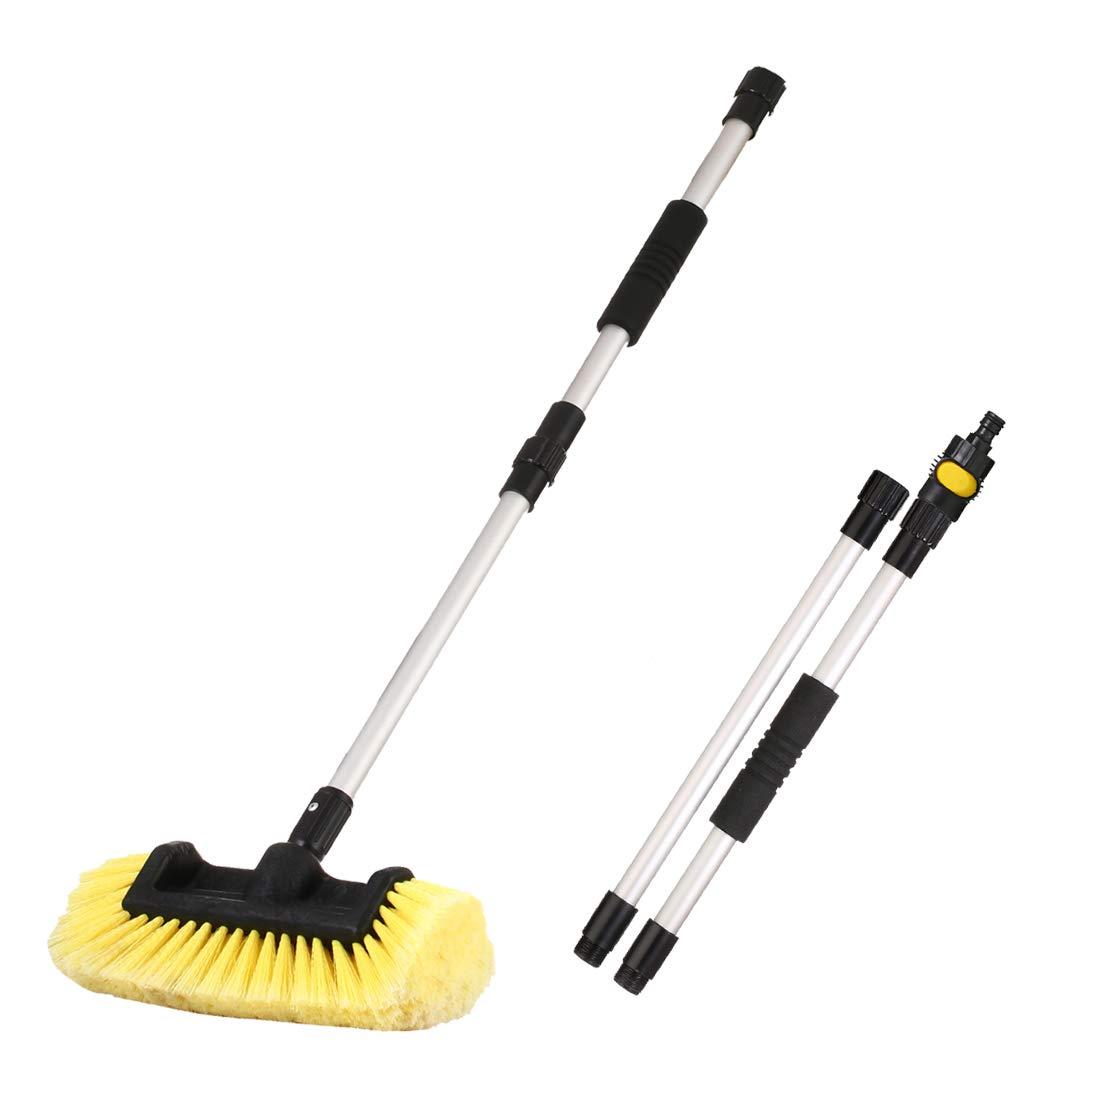 CARCAREZ 10'' Flow-Thru Washing Brush Head, Green (Brush with Dismountable Handle)